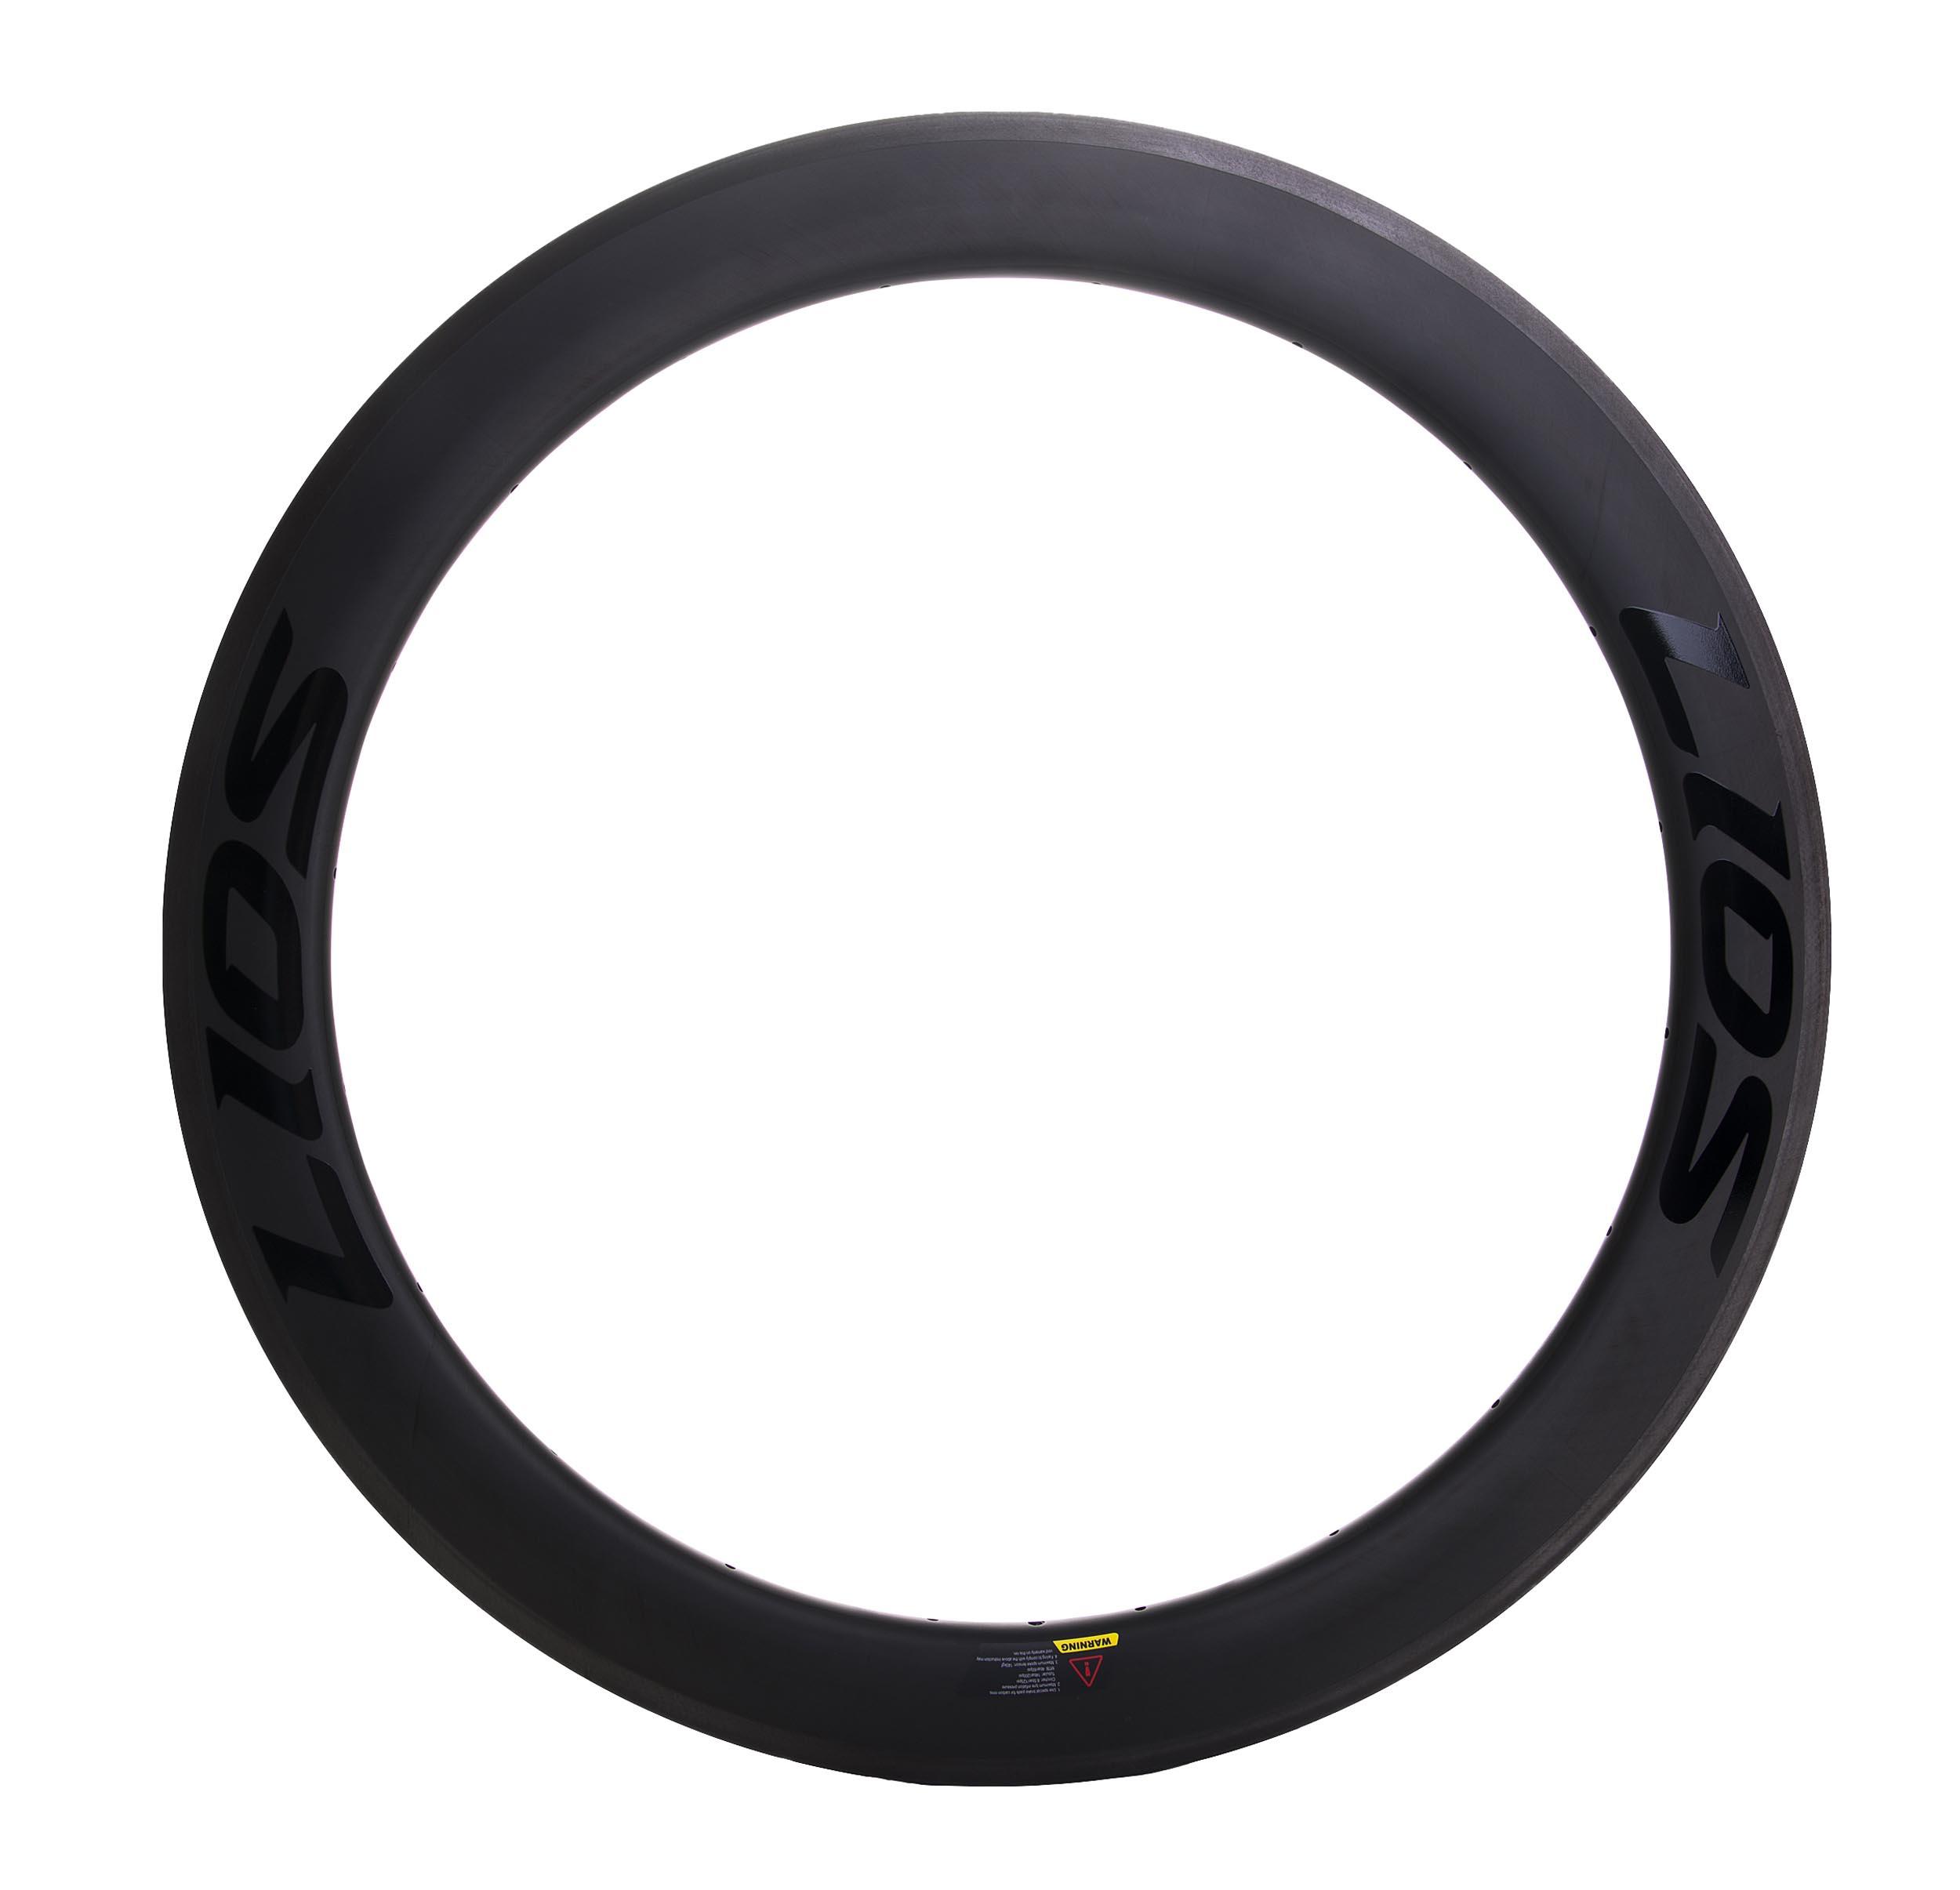 lios-c60-carbon-rim-black-image-1.jpg